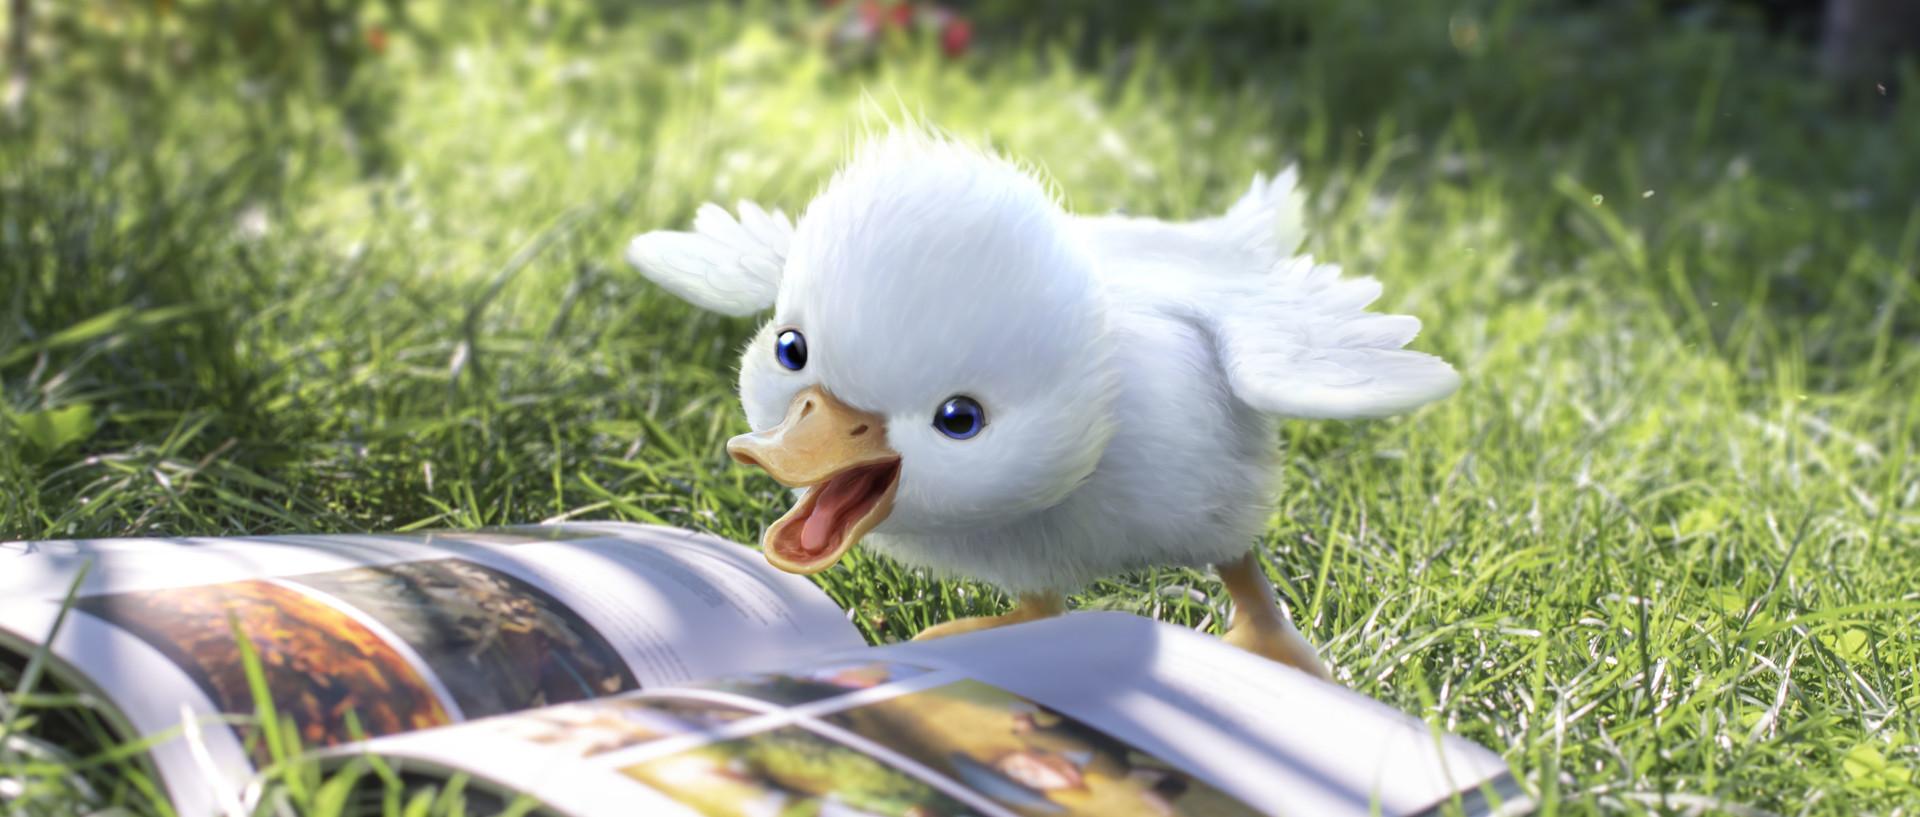 Loic liok bramoulle stillframe duck 03